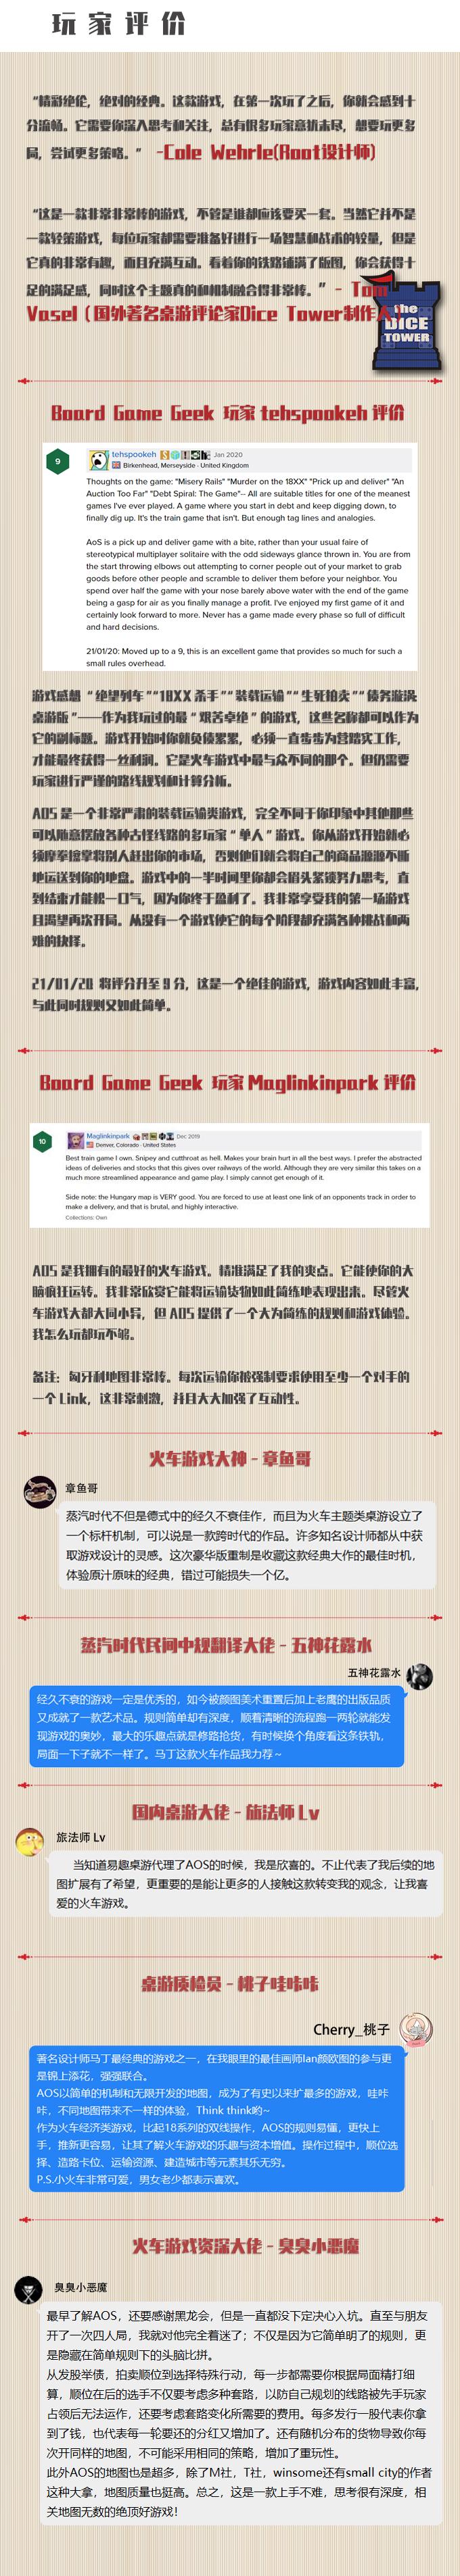 玩家评价.png